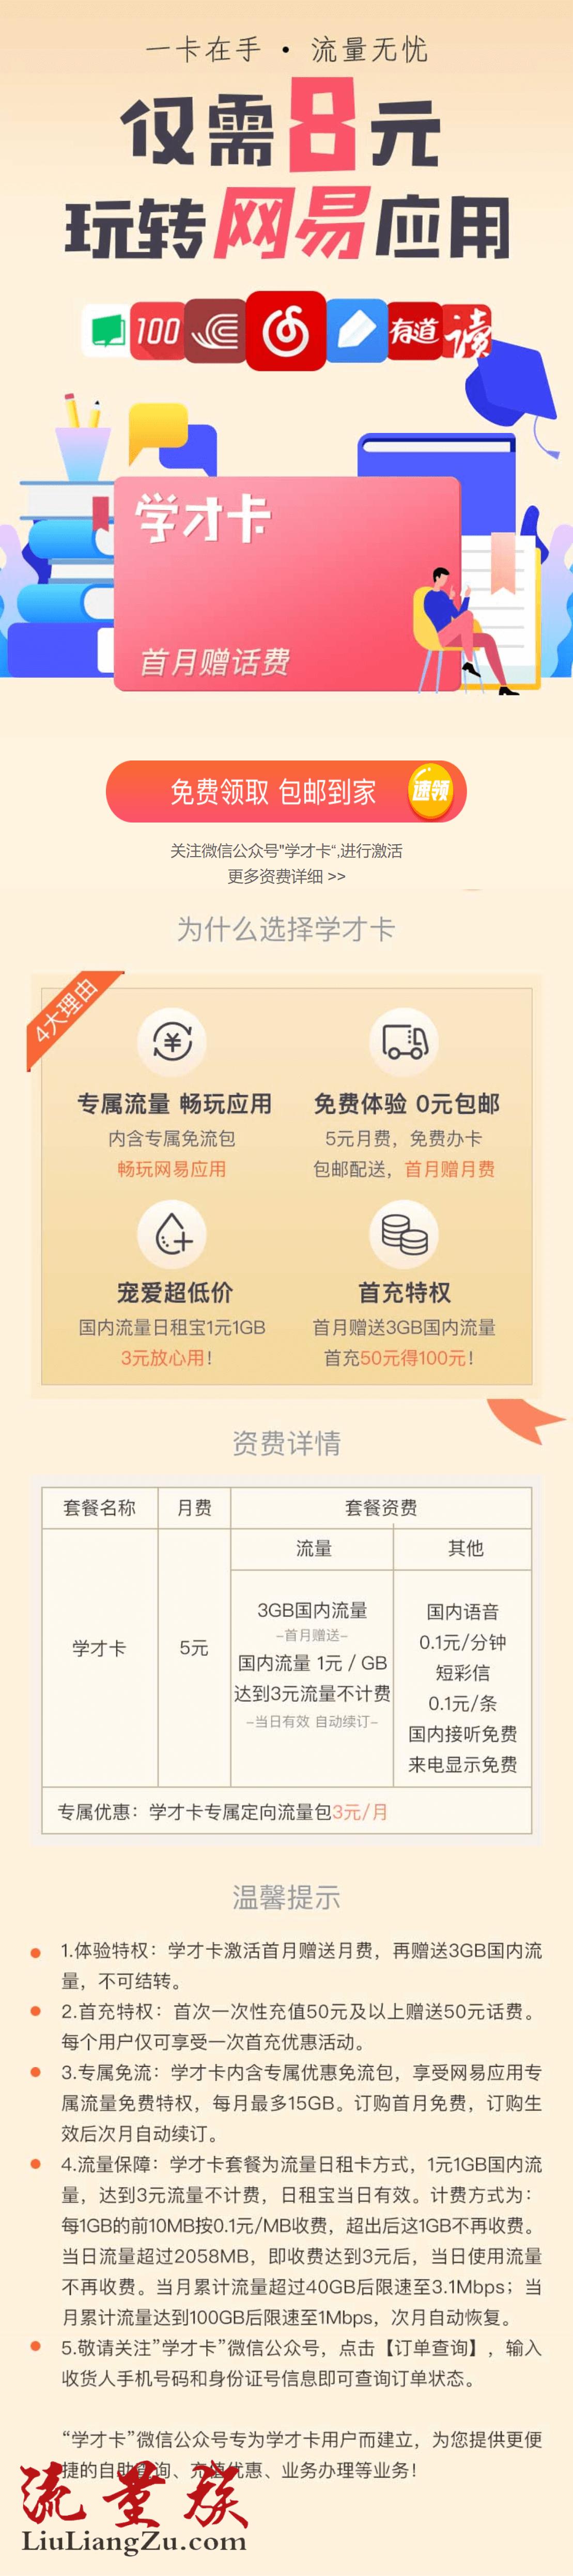 """中国联通""""学才卡""""5元/月:3G全国流量+日租宝+网易系免流"""